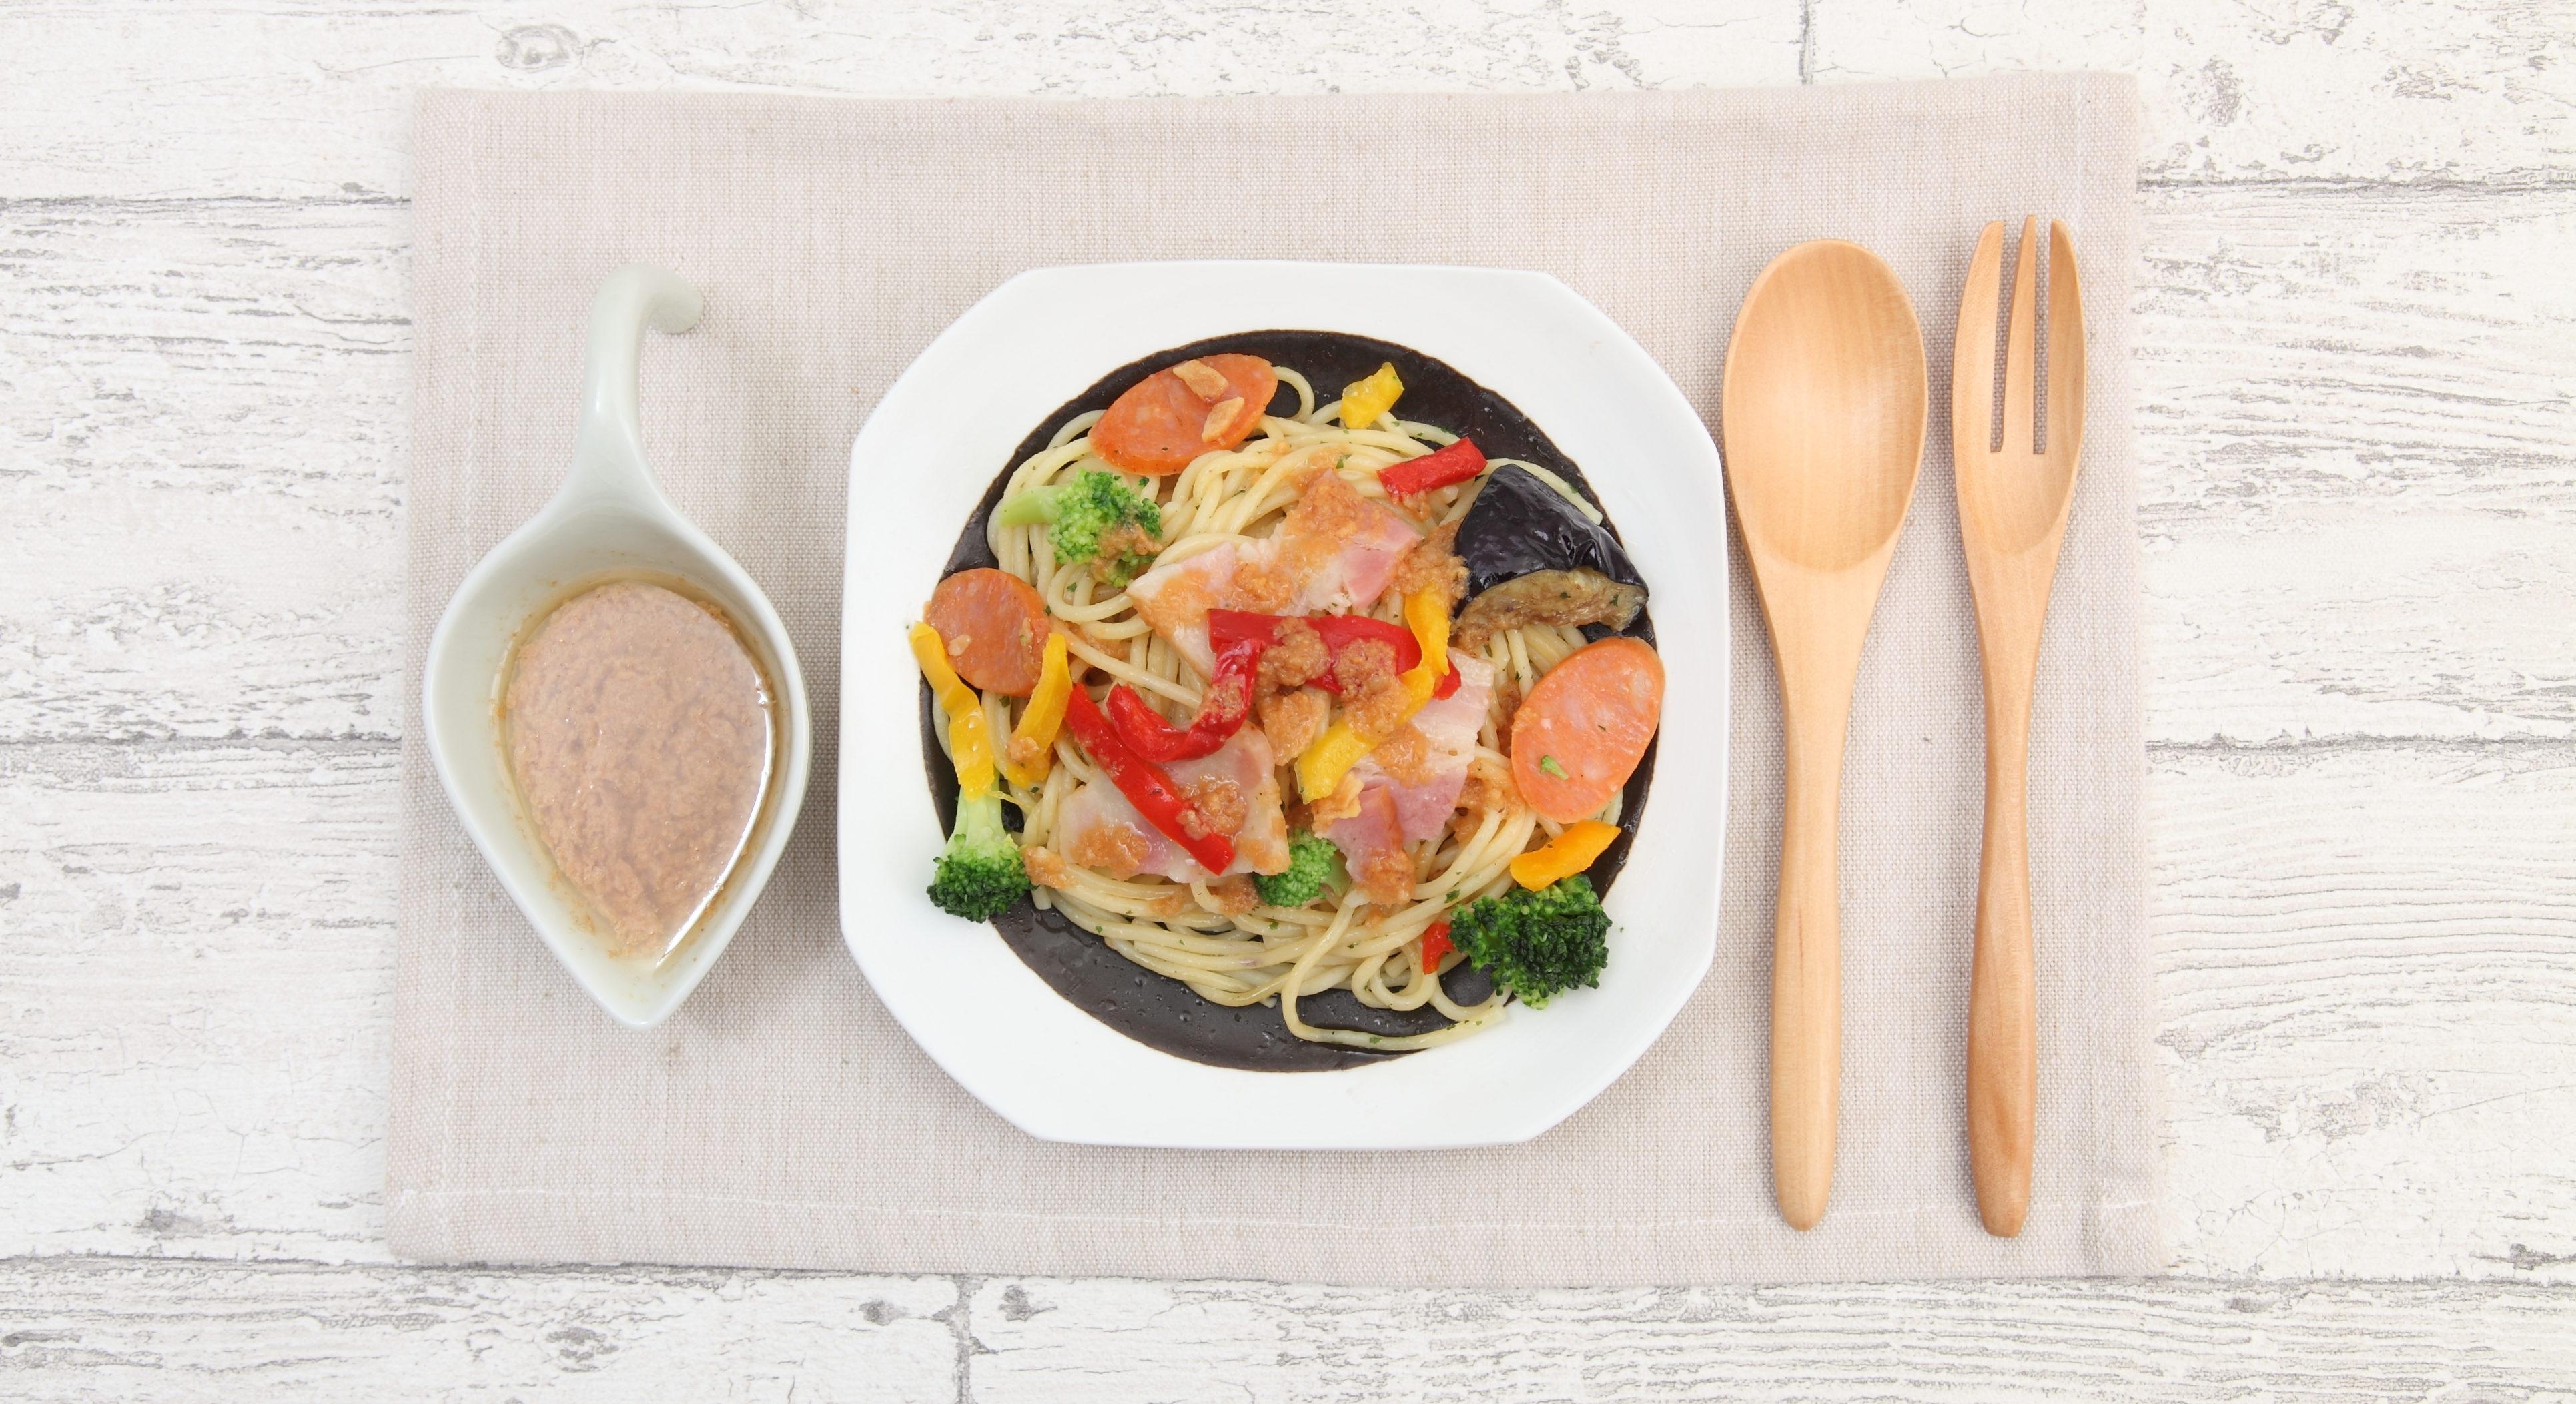 パスタ料理とオニオンソース クッキングプラン画像